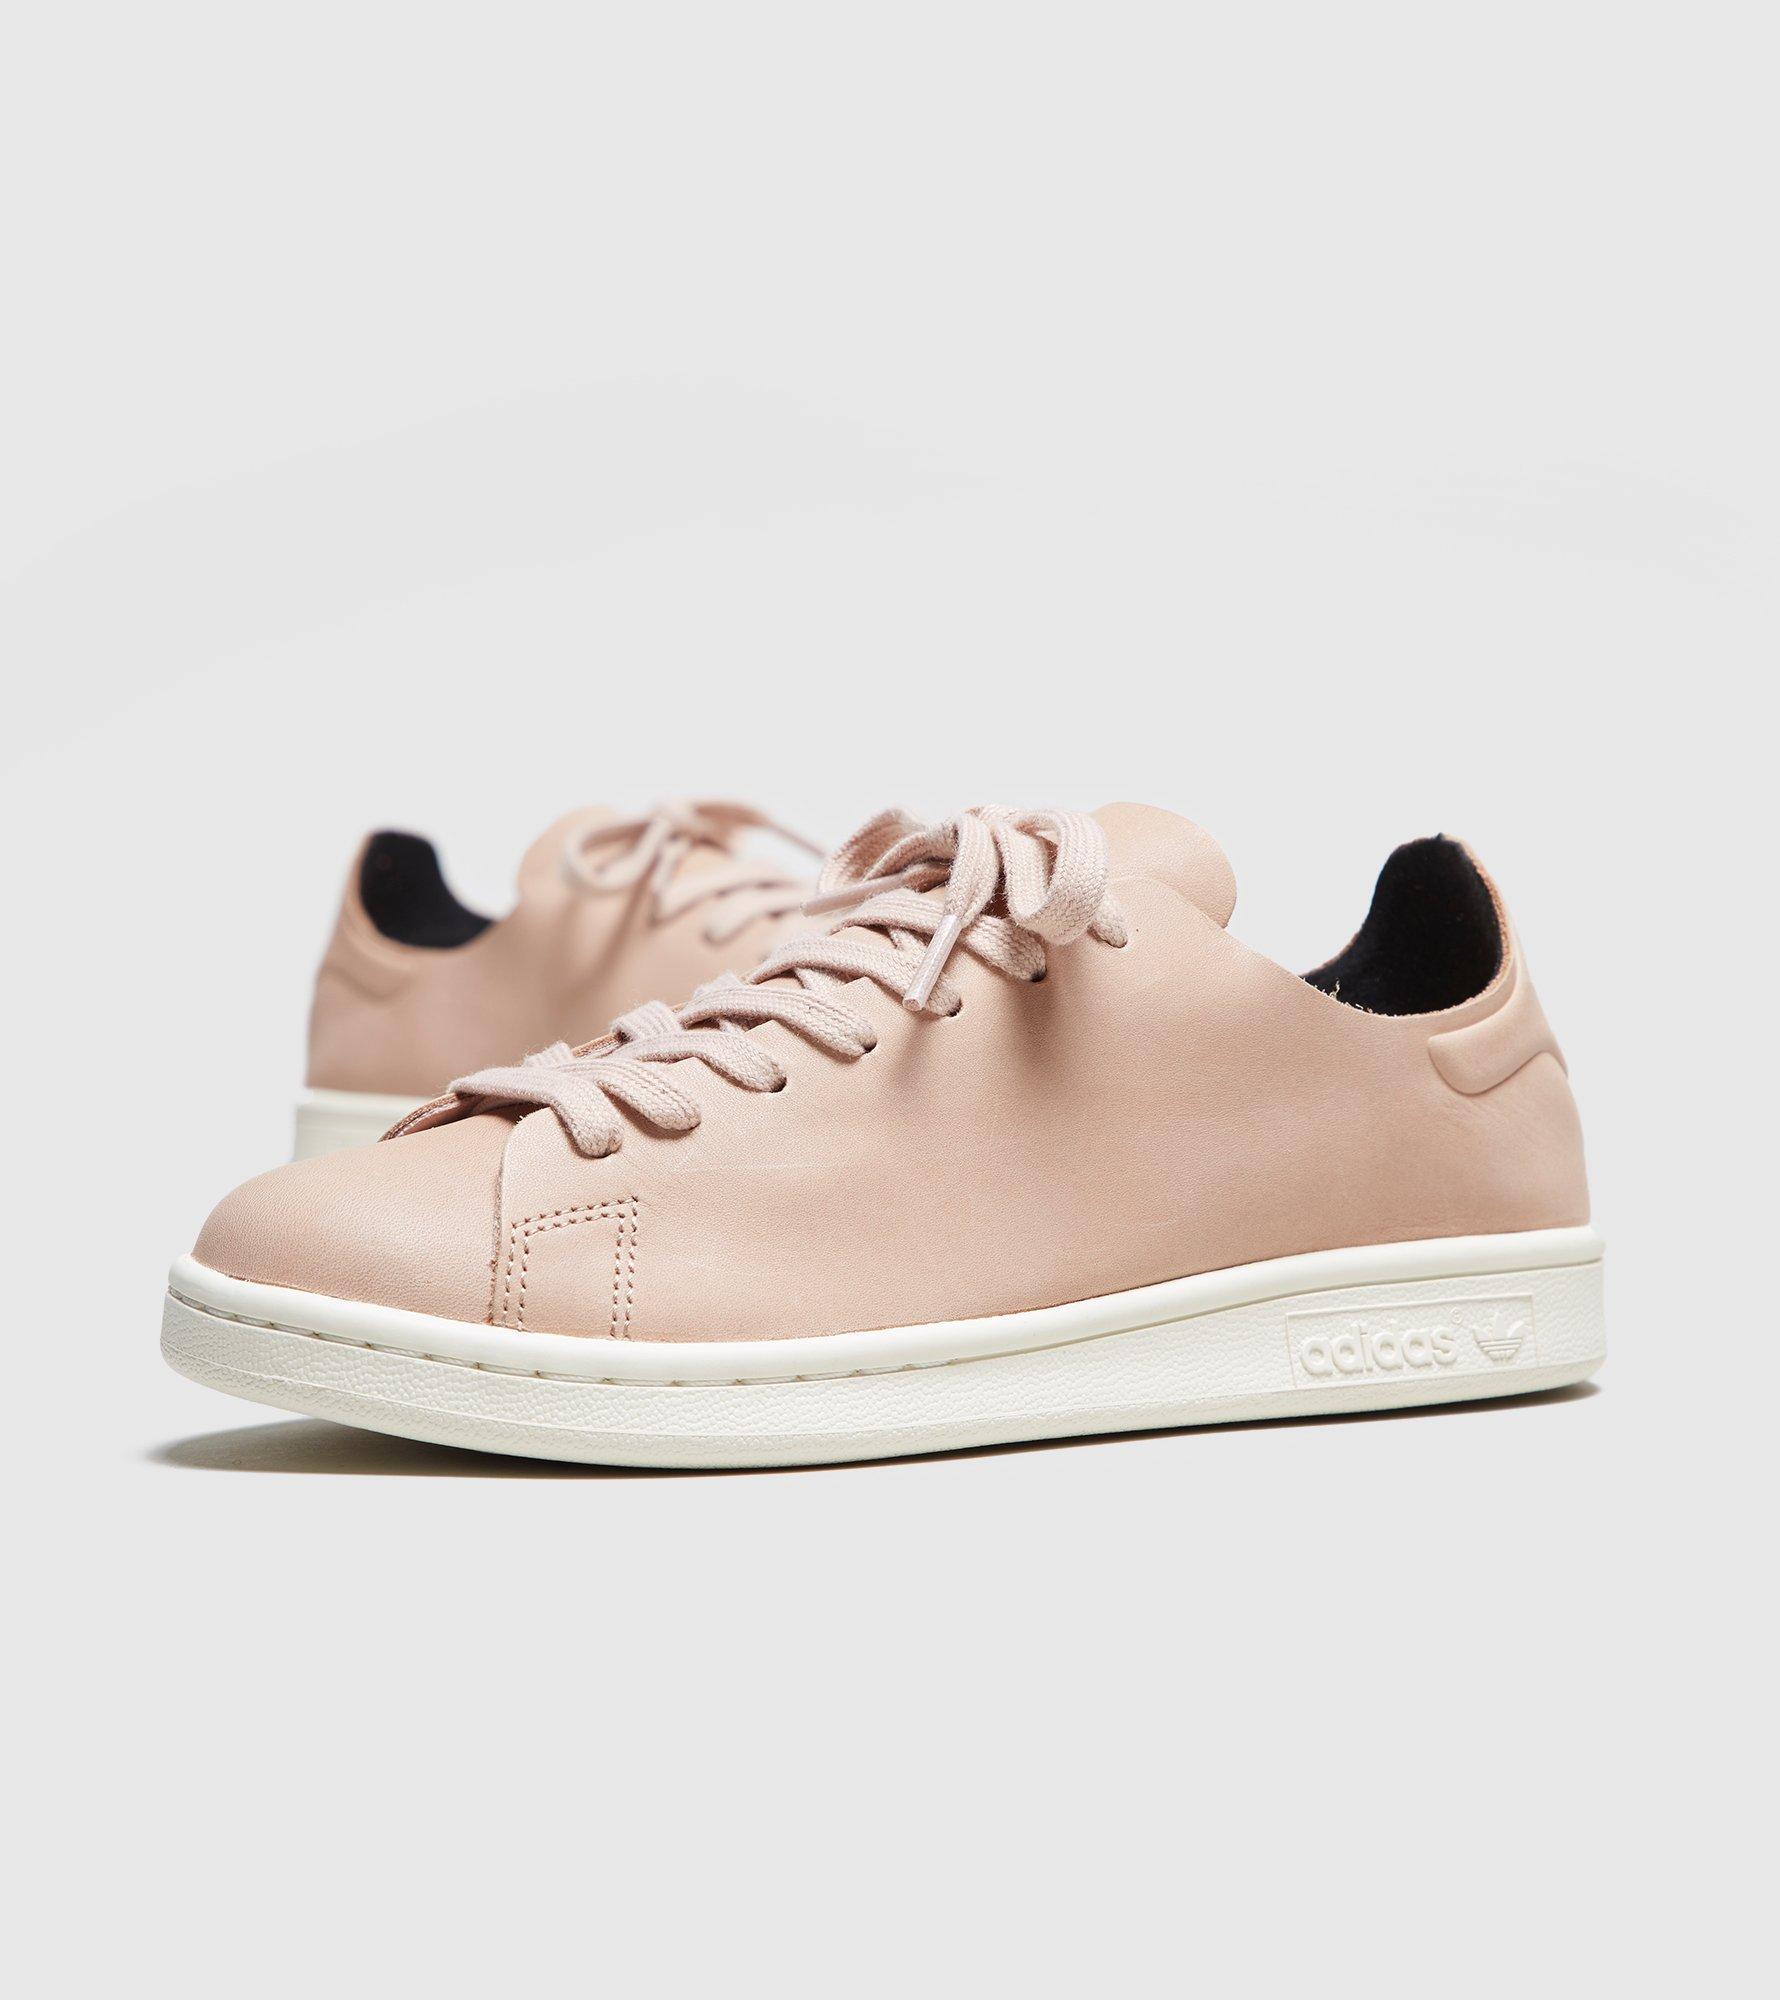 Lyst adidas Originals Stan Smith nuude  mujer 's en color rosa